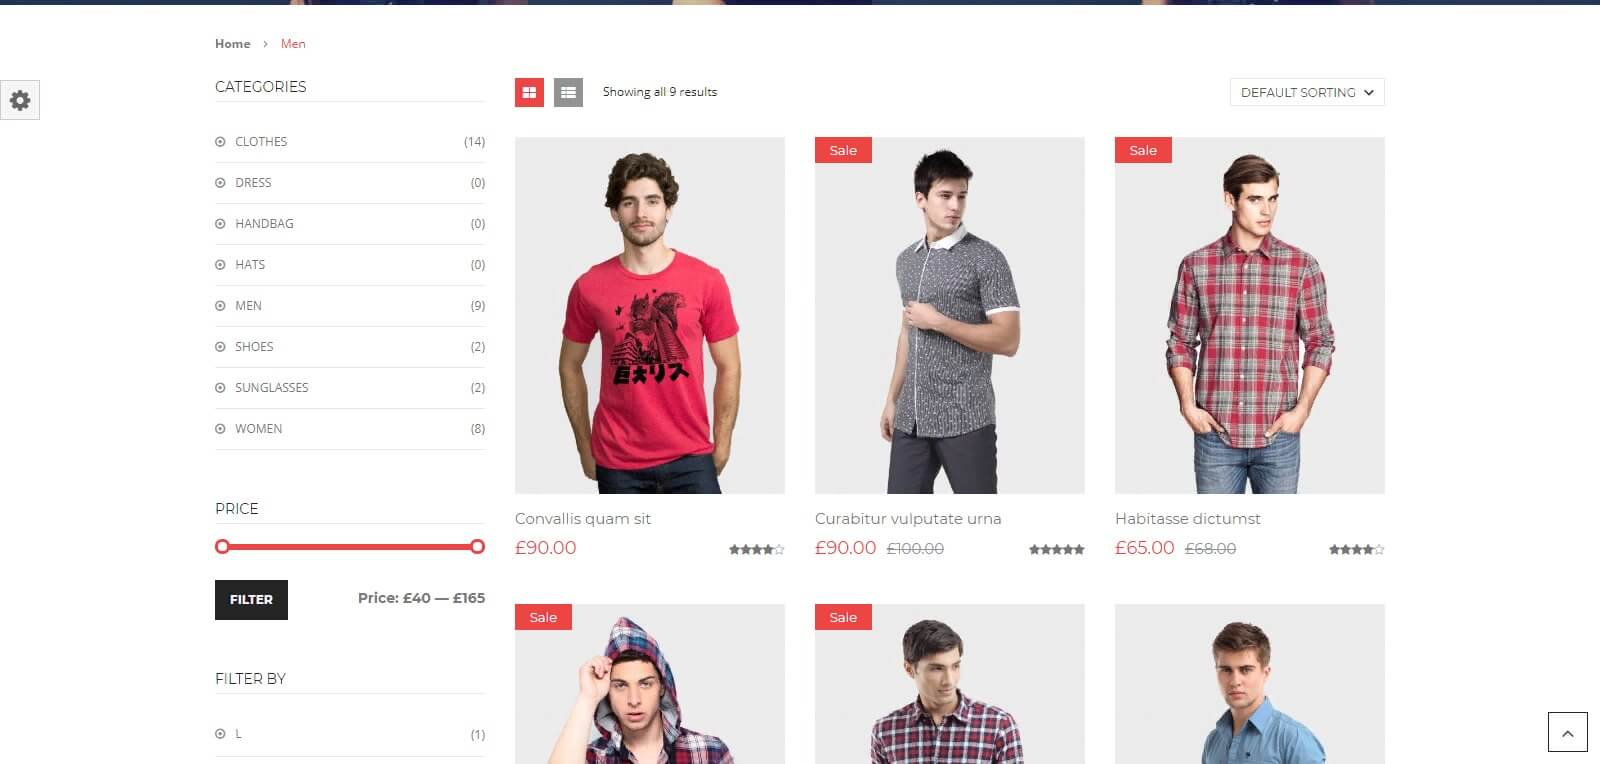 Các chức năng của mẫu website bán hàng thời trang